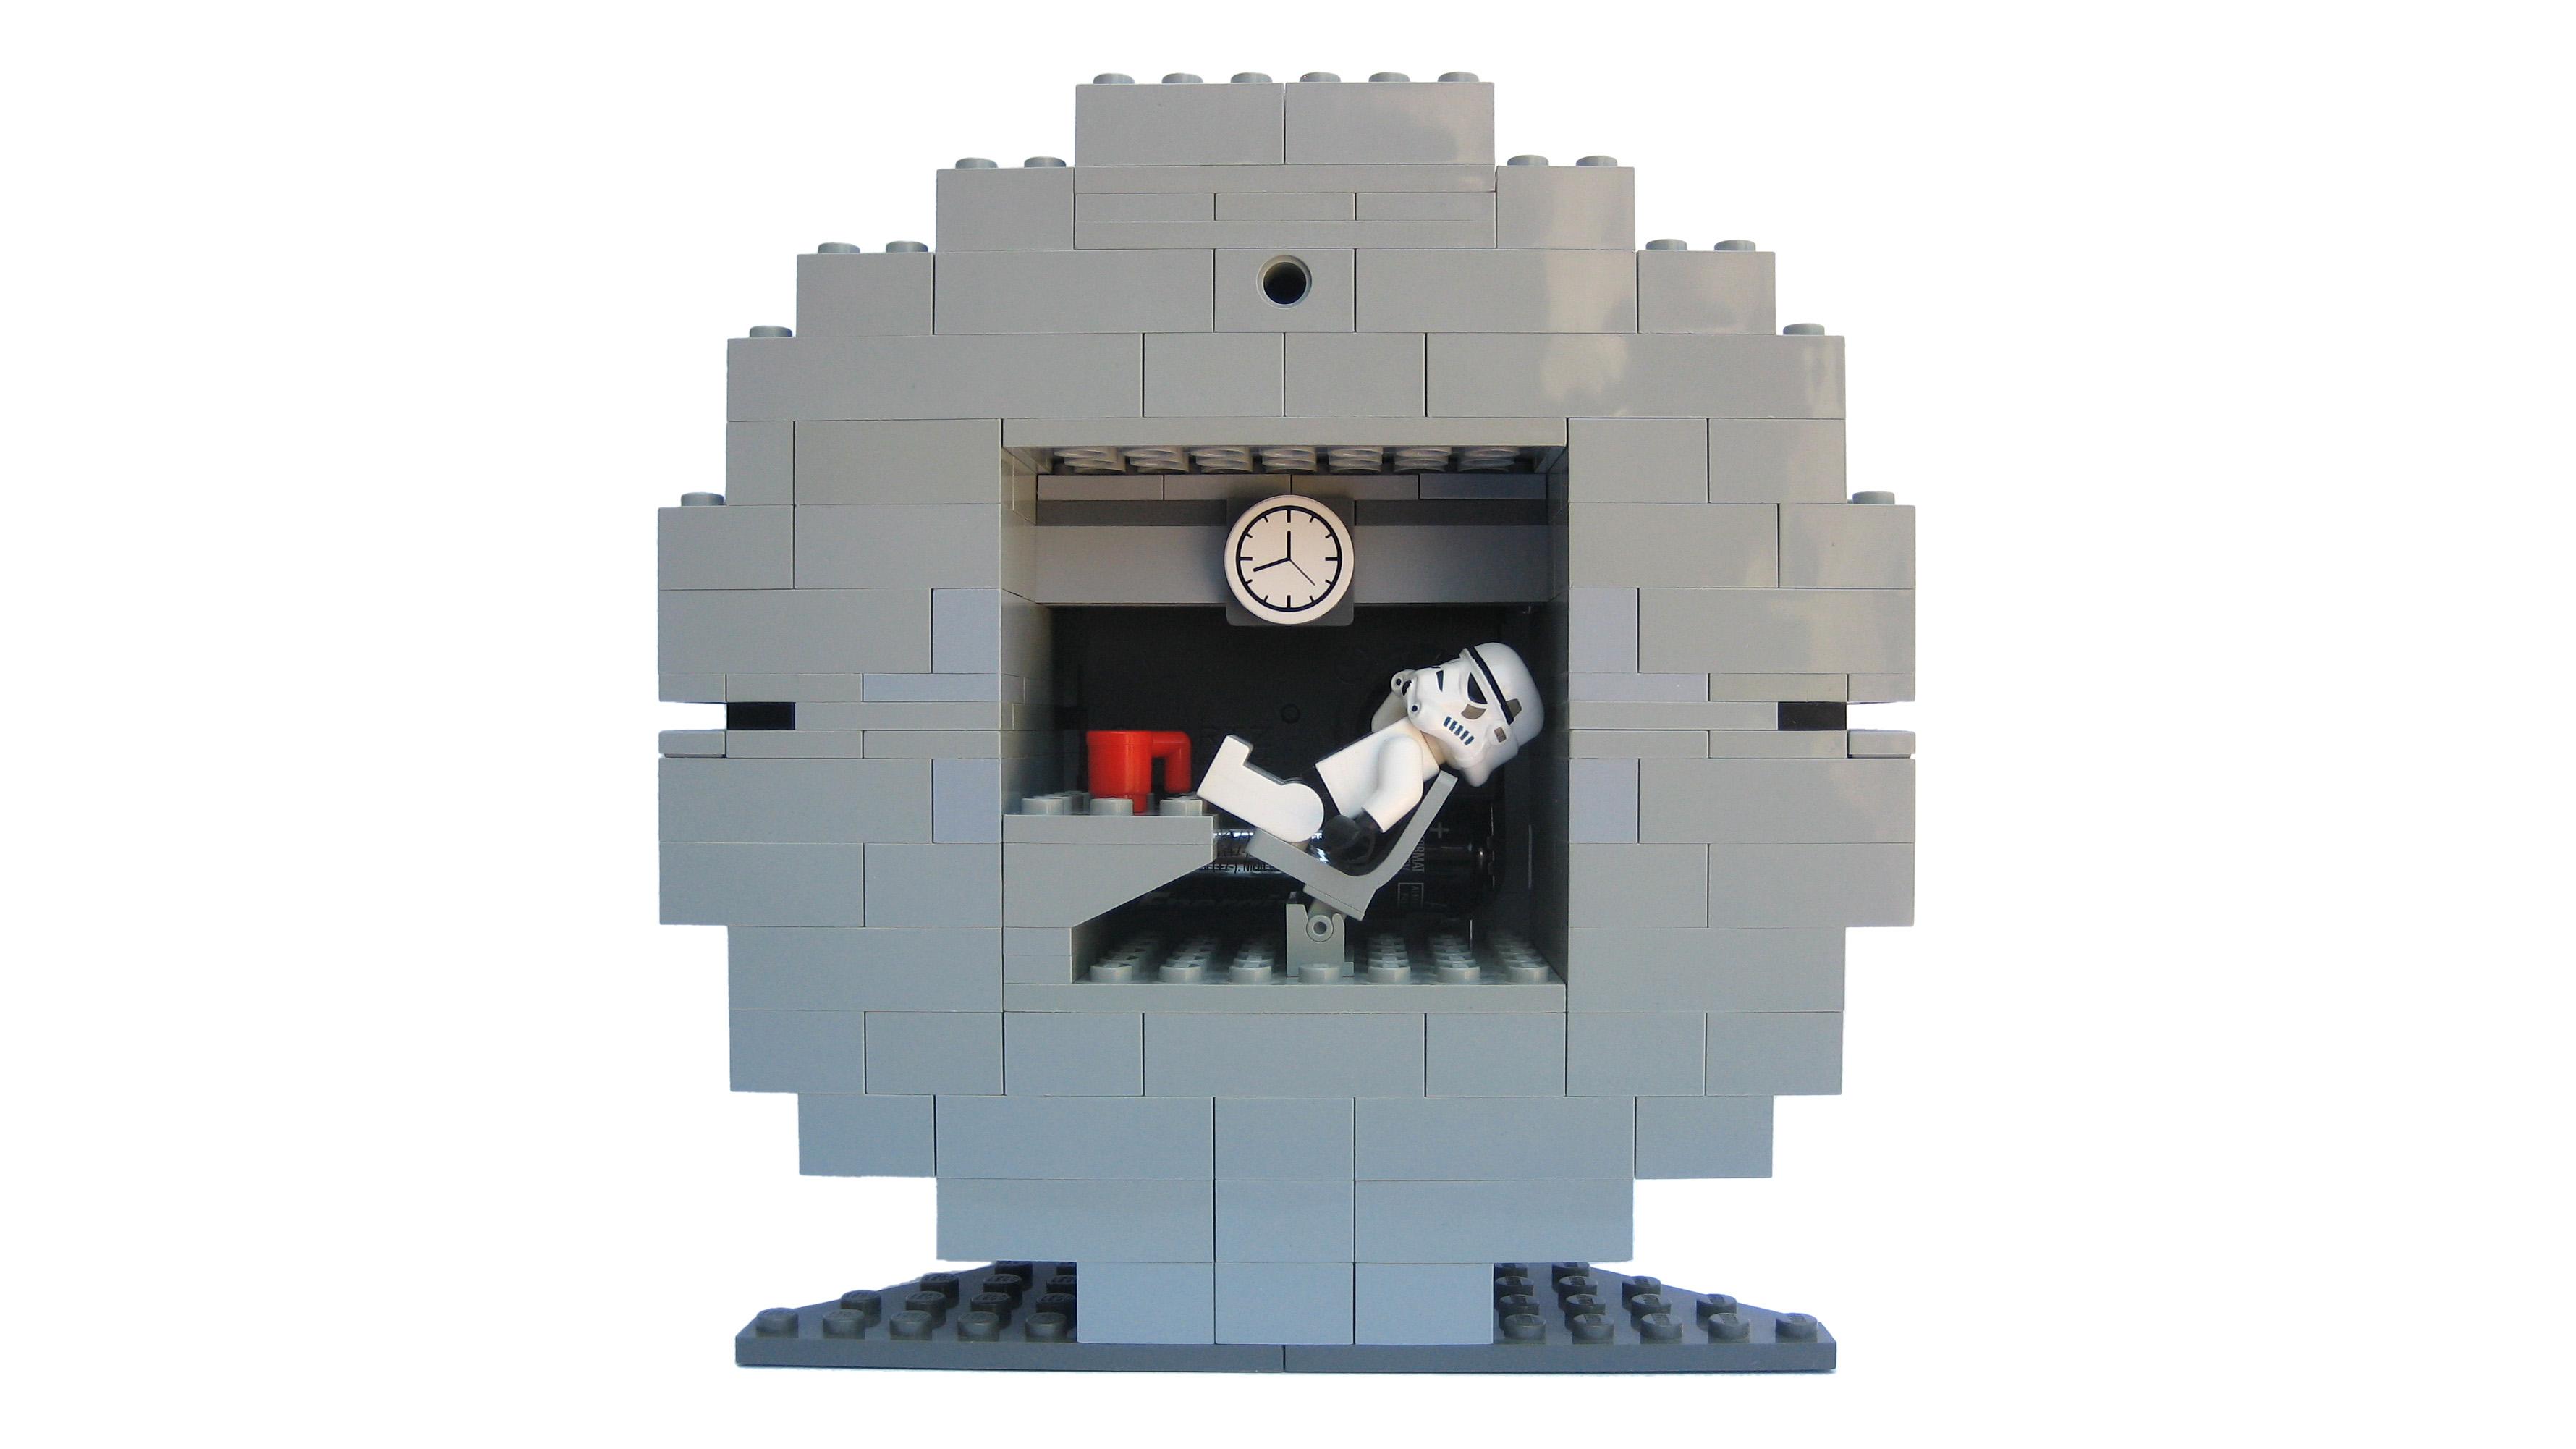 The Death Star Ii Roblox Lego Ideas Death Star Ii Clock